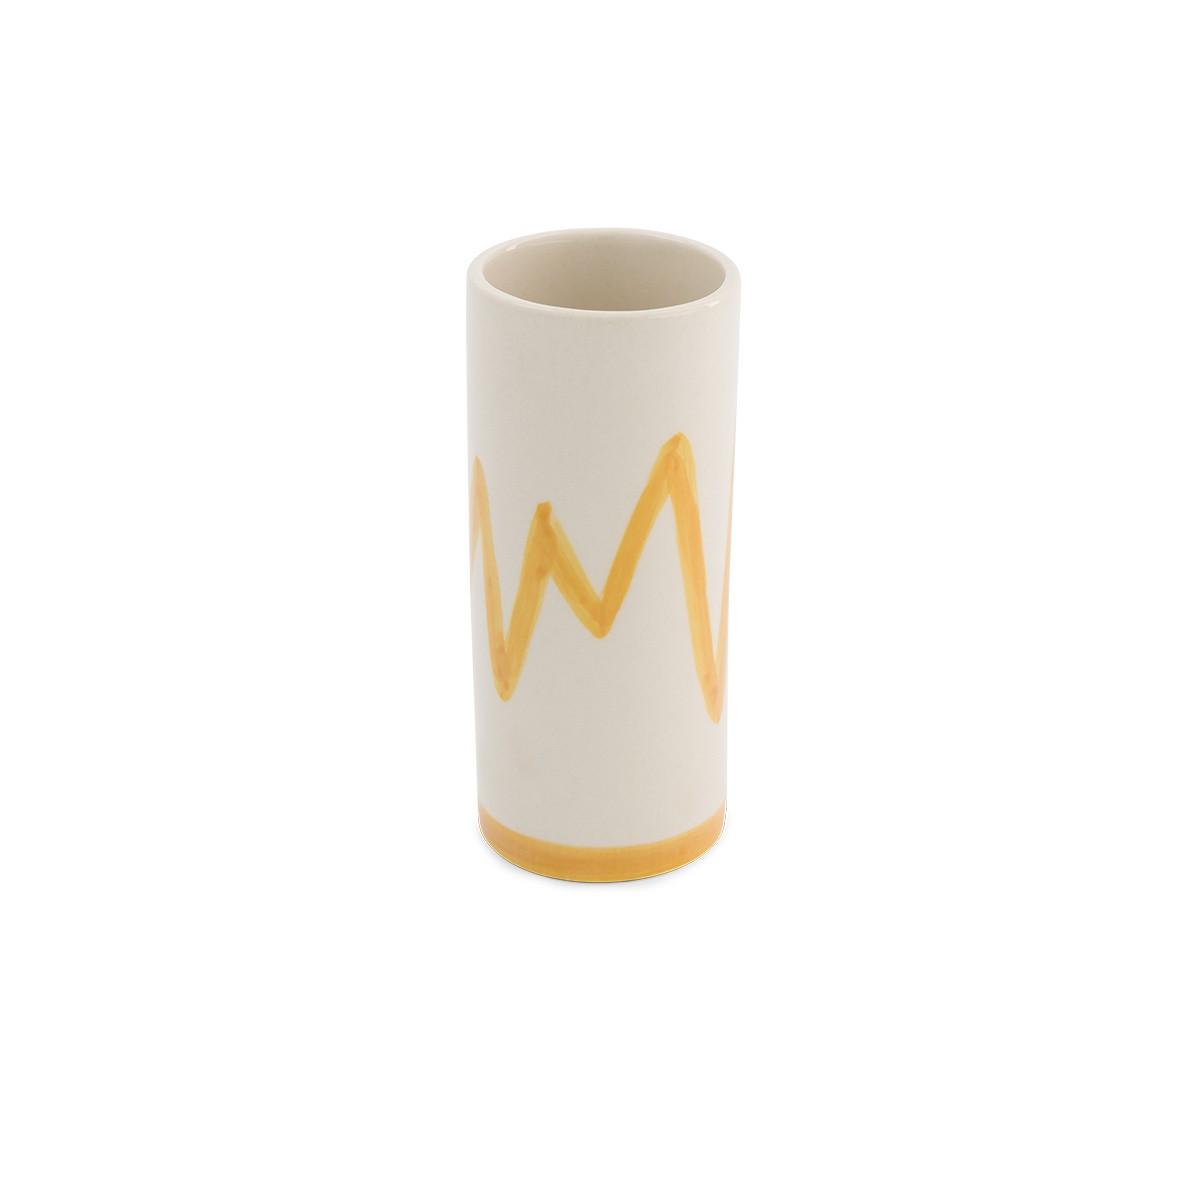 Pot Domino moyen modèle motif moutarde